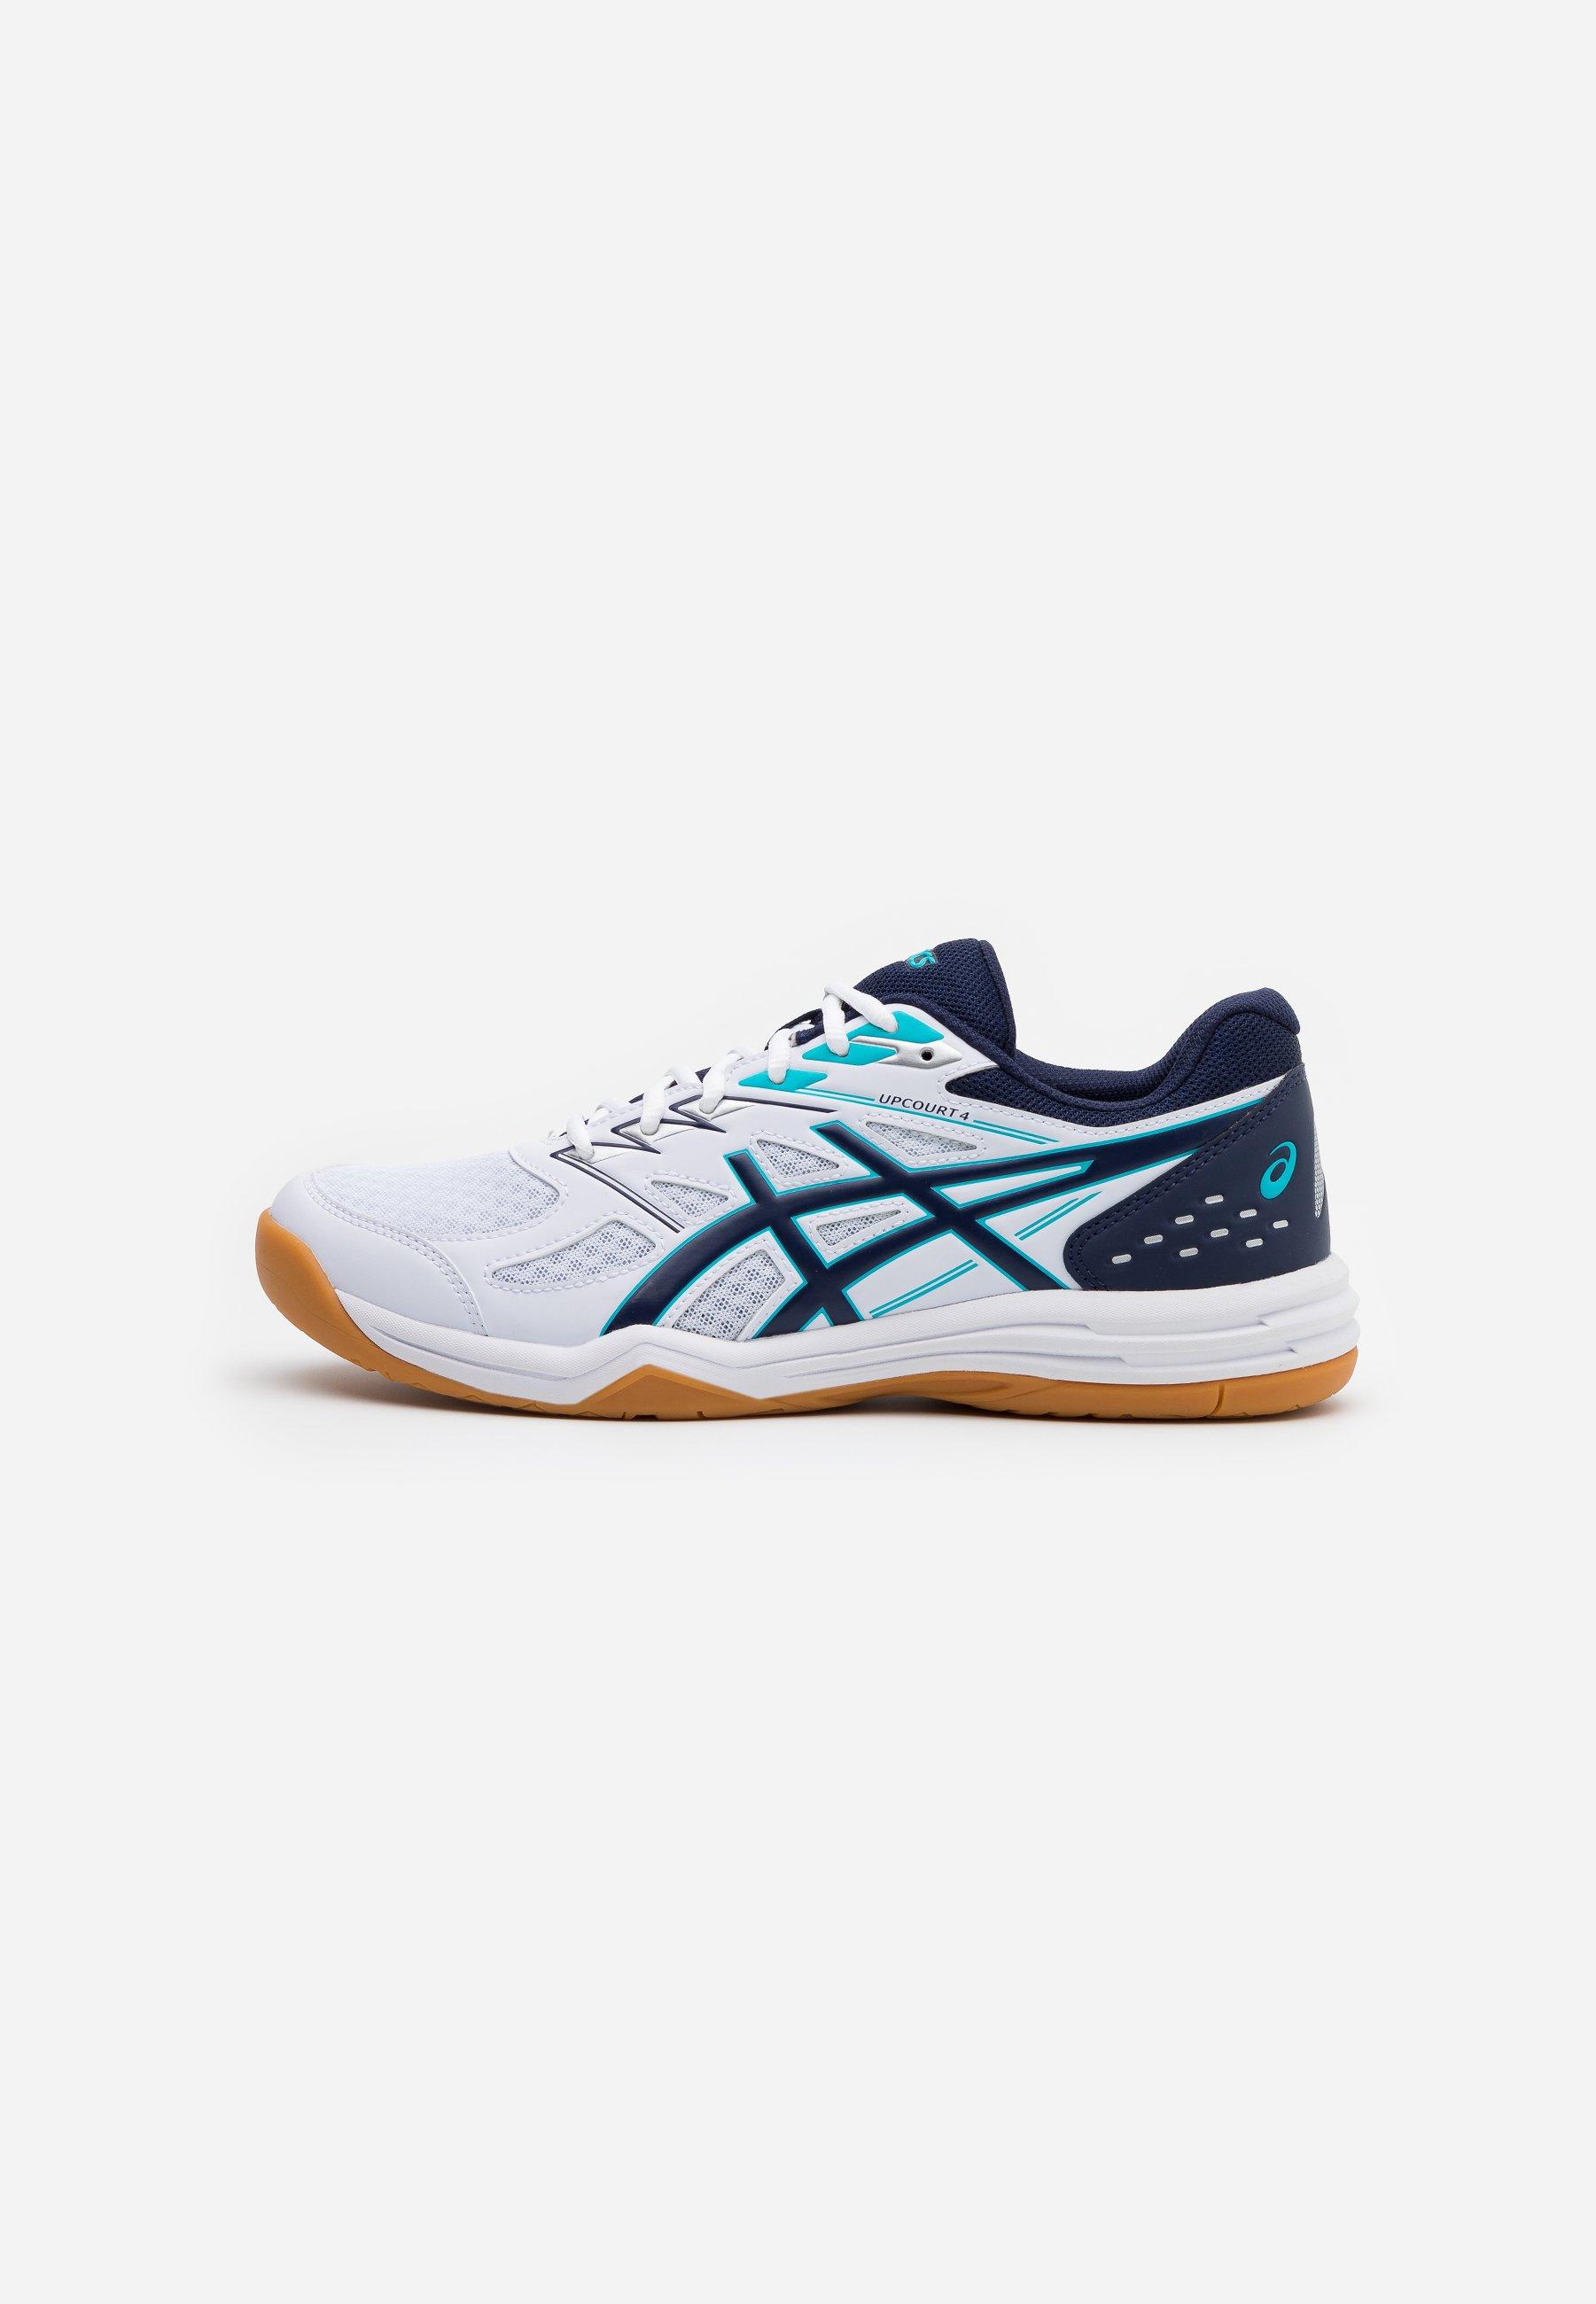 paz evitar sistema  ASICS UPCOURT 4 - Handball shoes - white/peacoat/white - Zalando.de